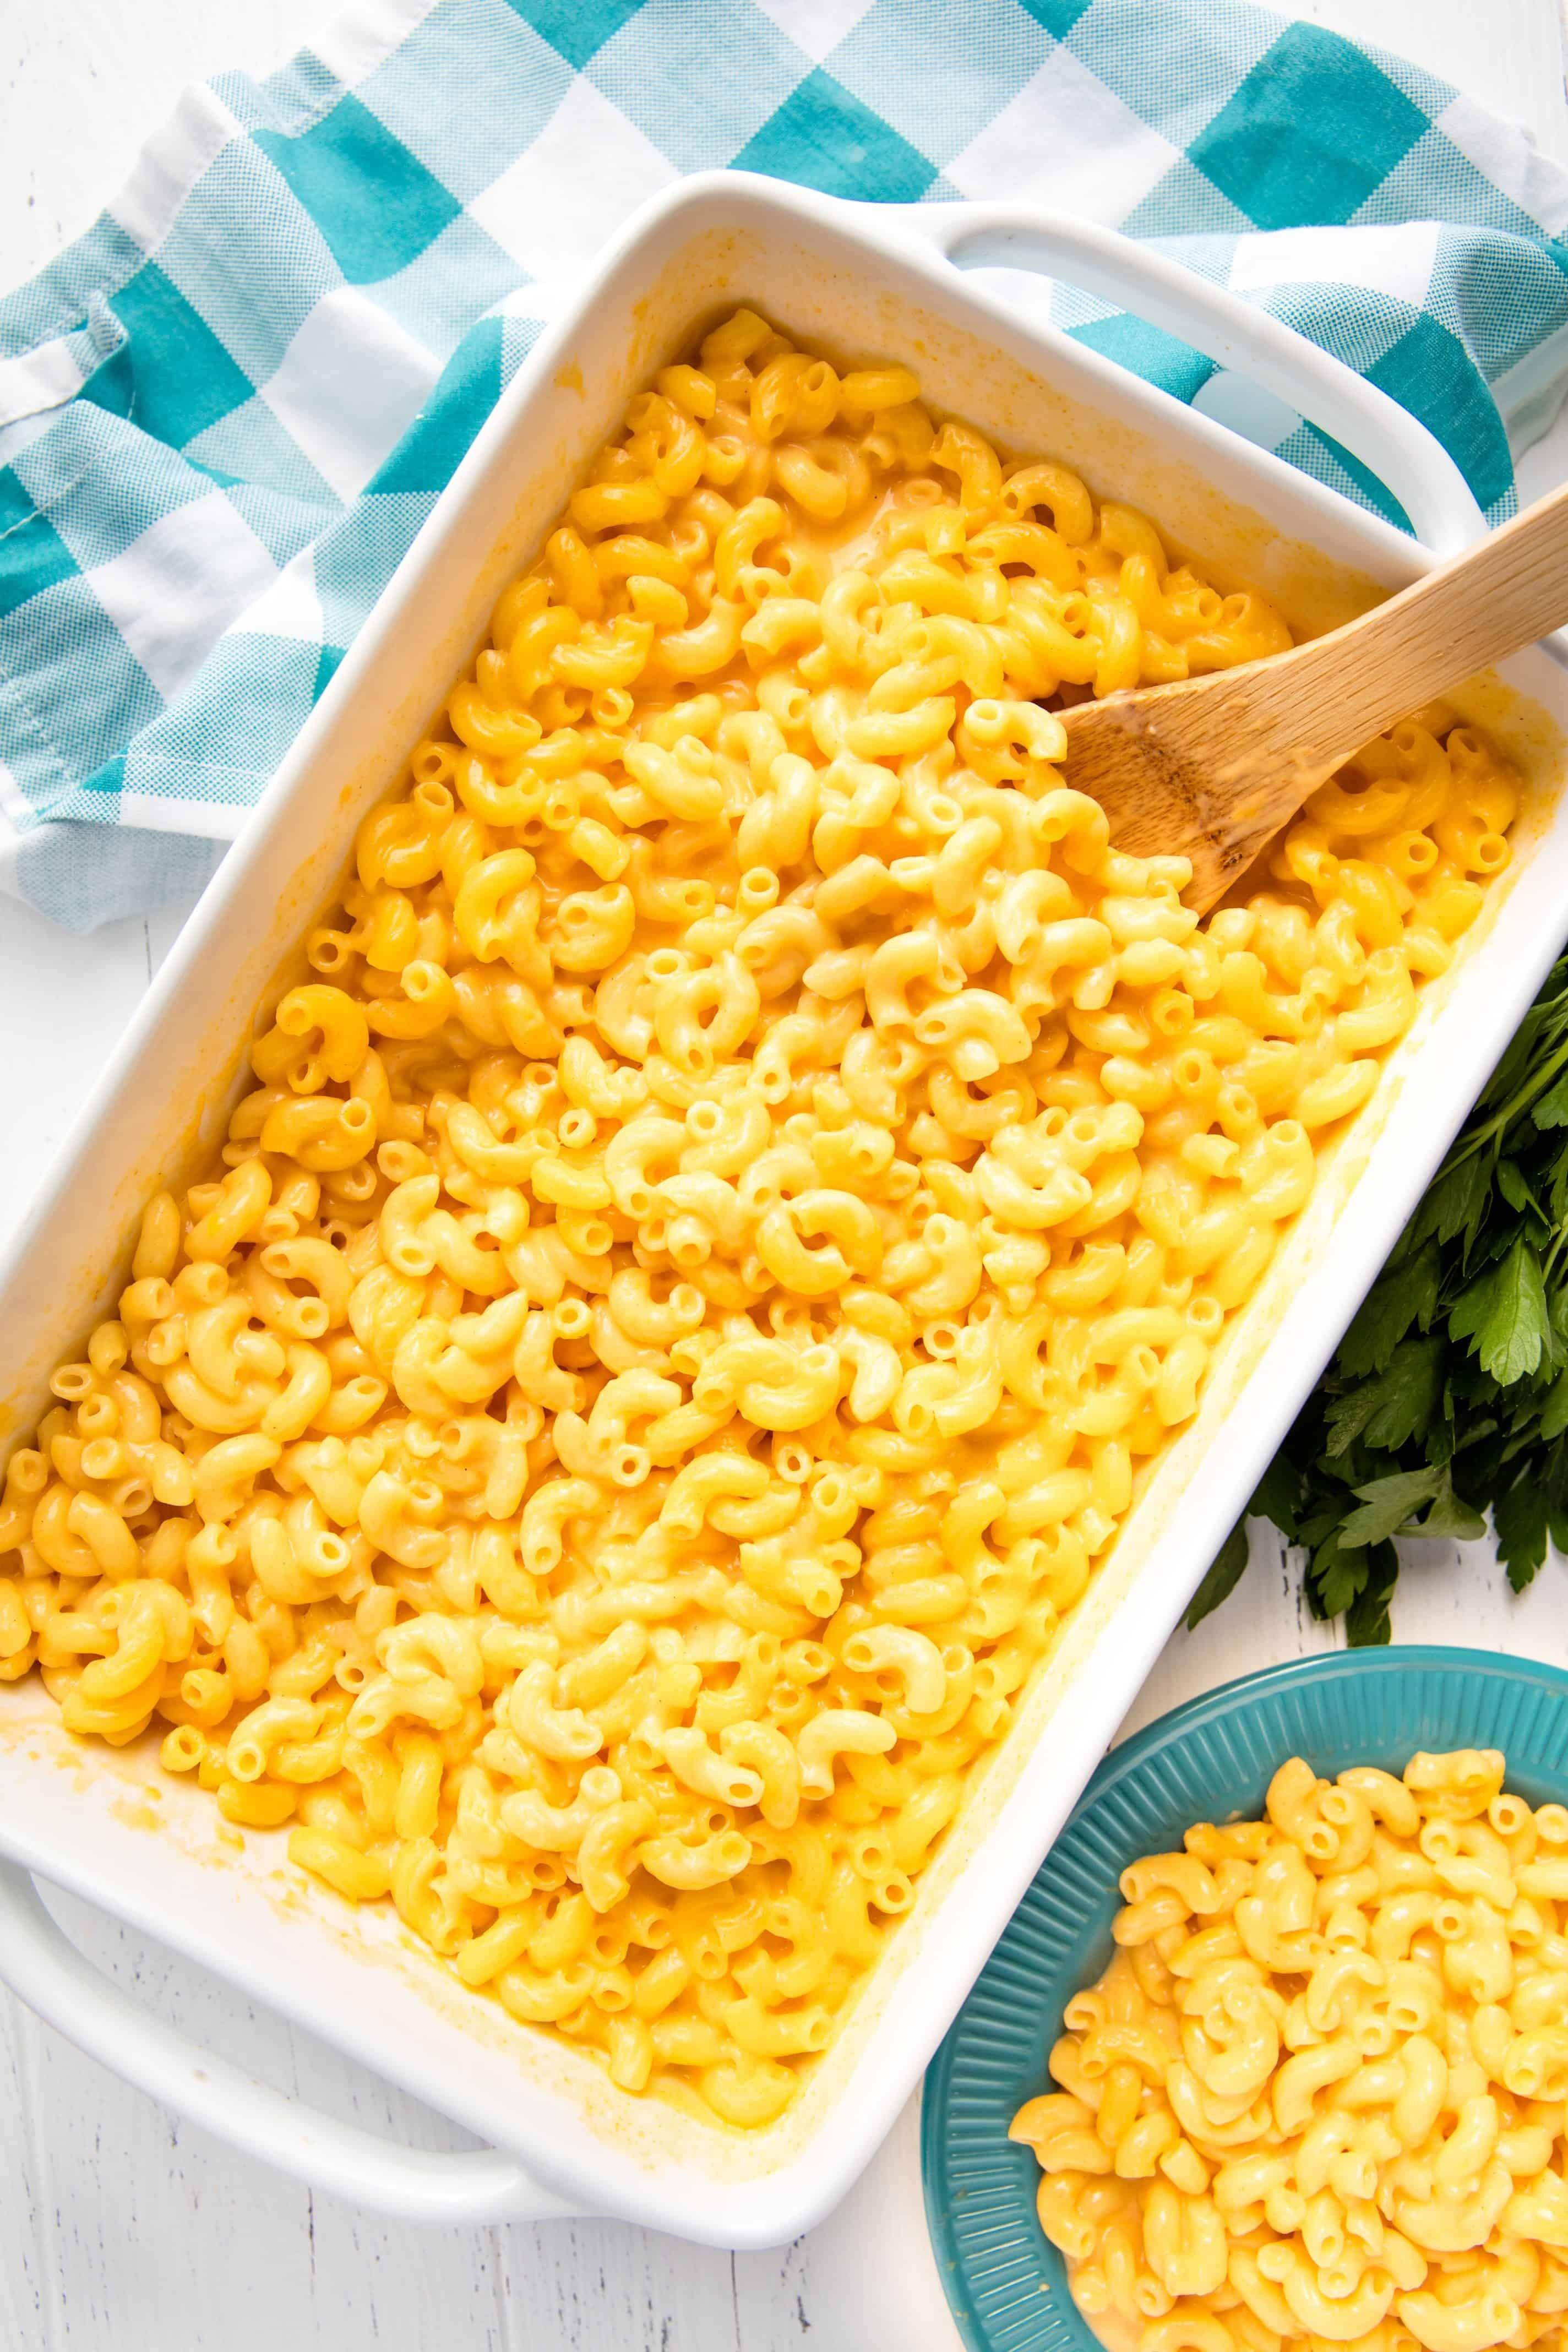 وصفات بالجبن الشيدر - طريقة عمل المكرونة بالشيدر